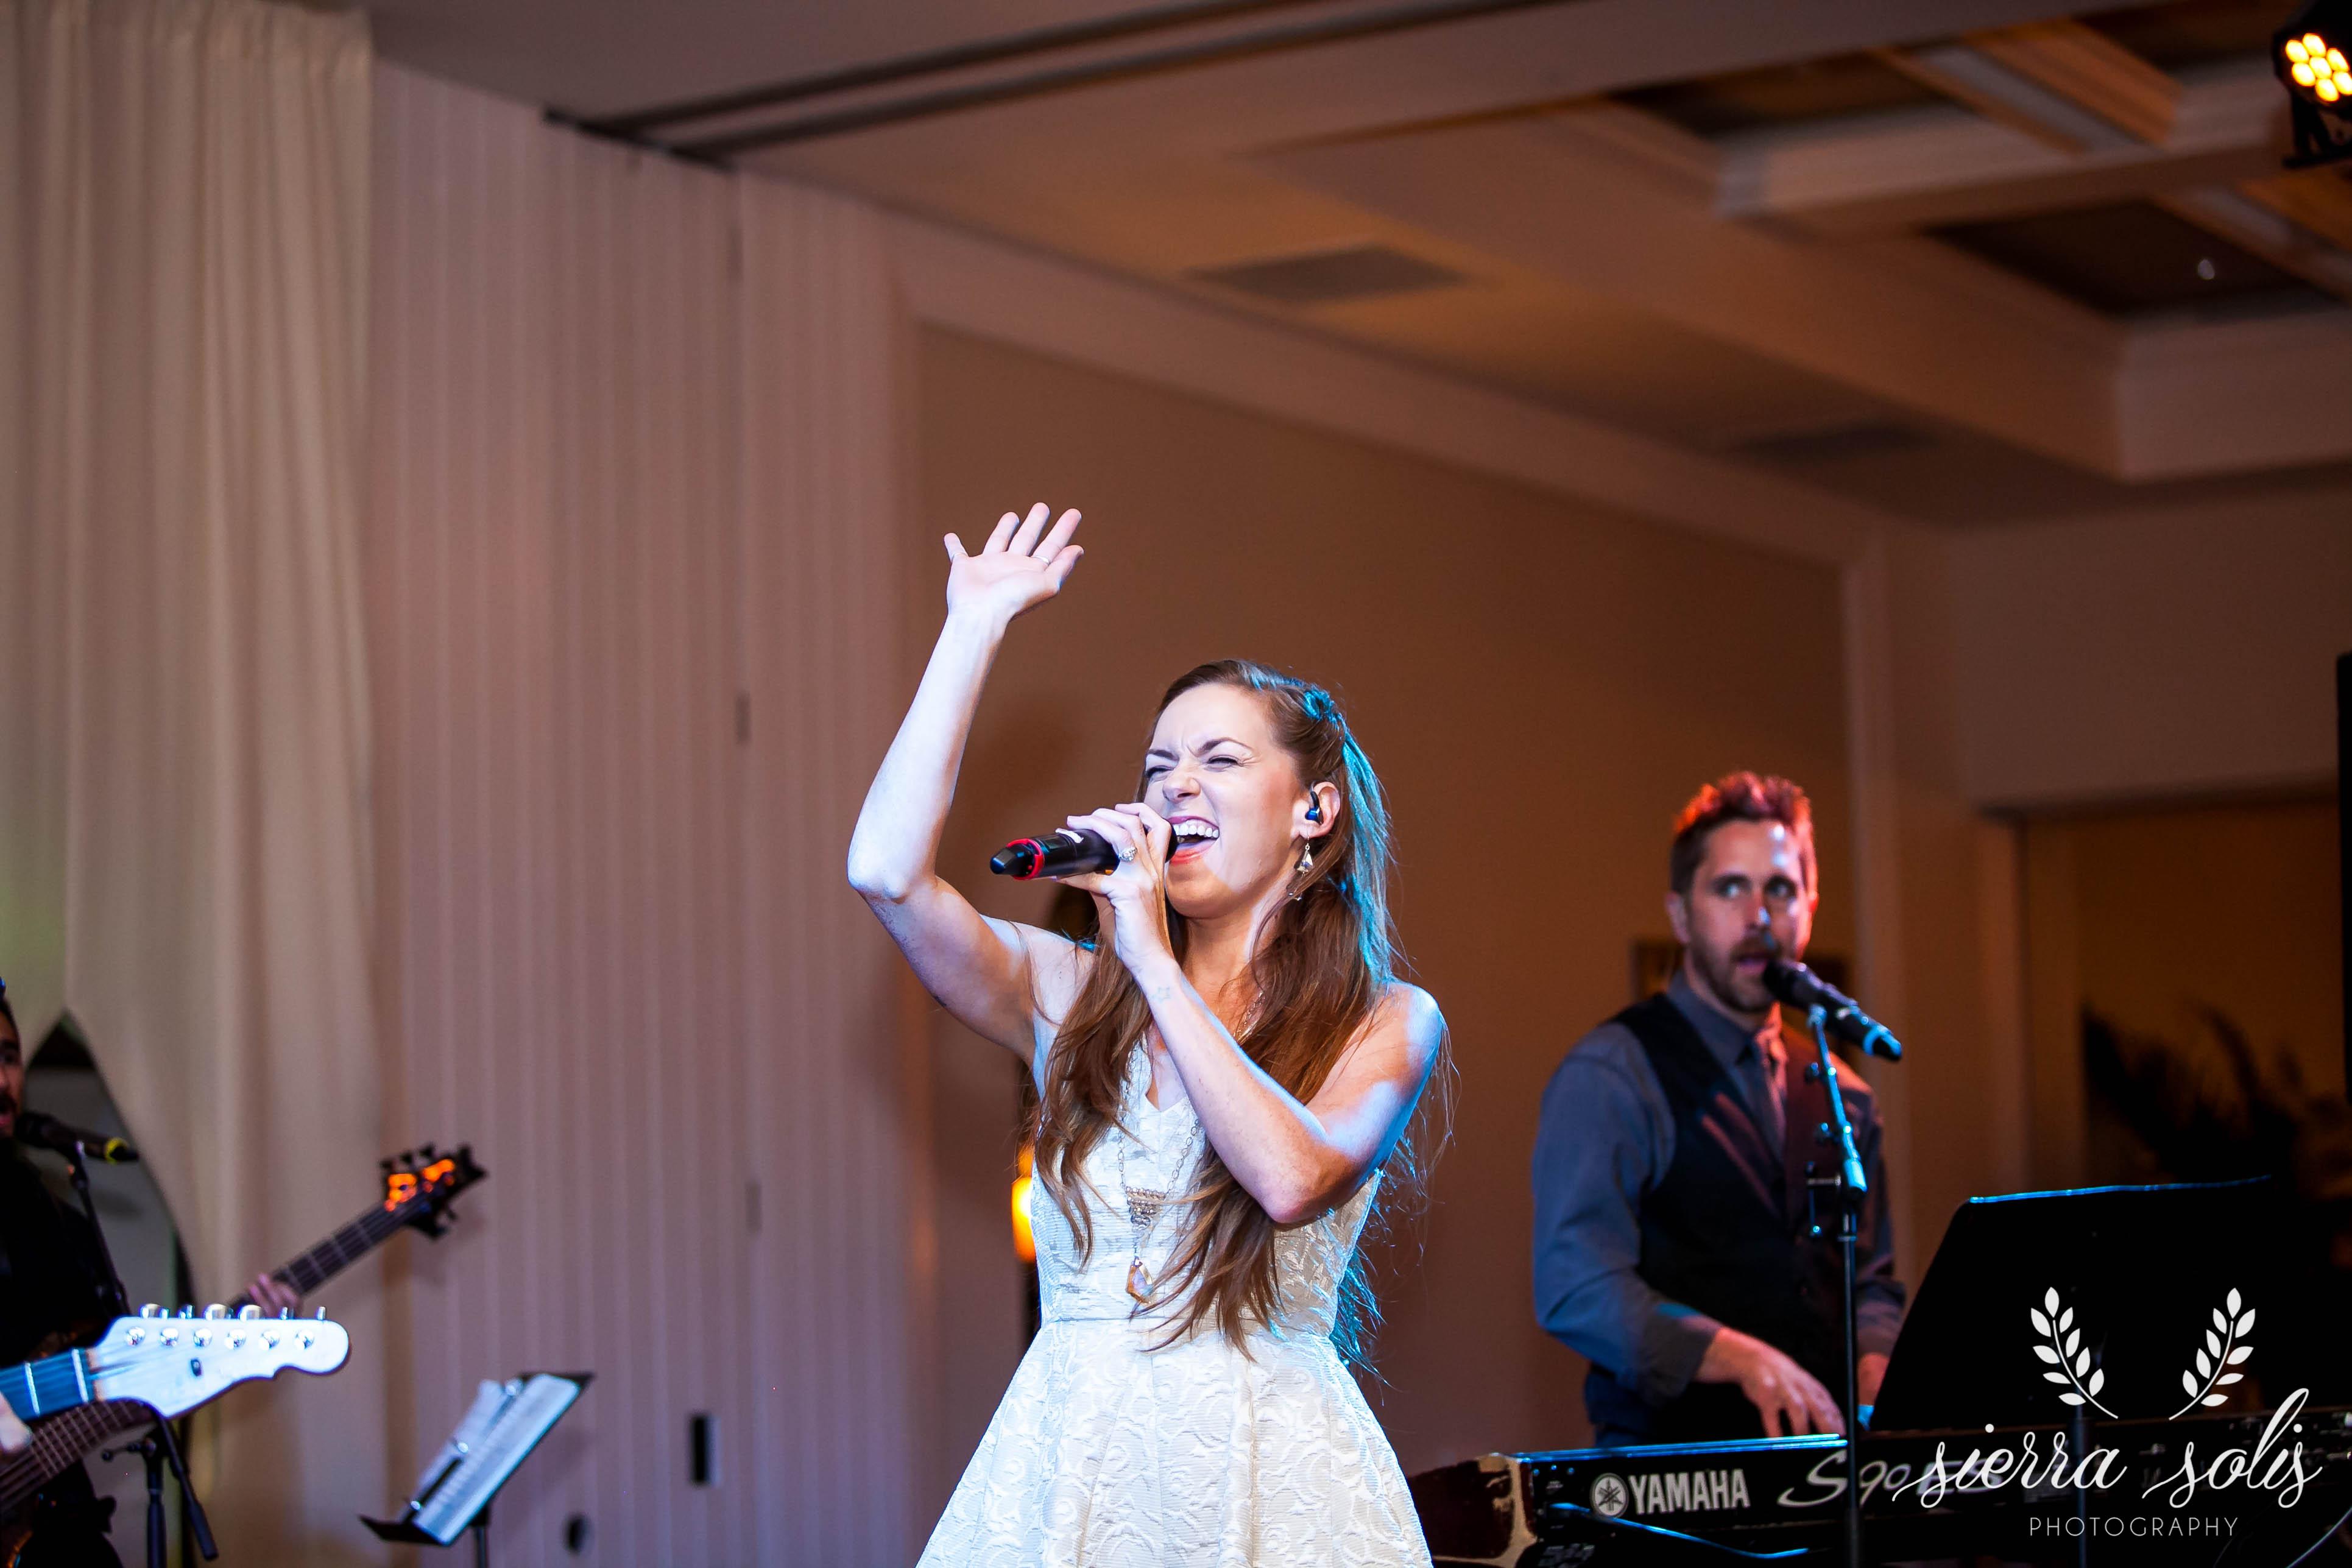 la jolla wedding band